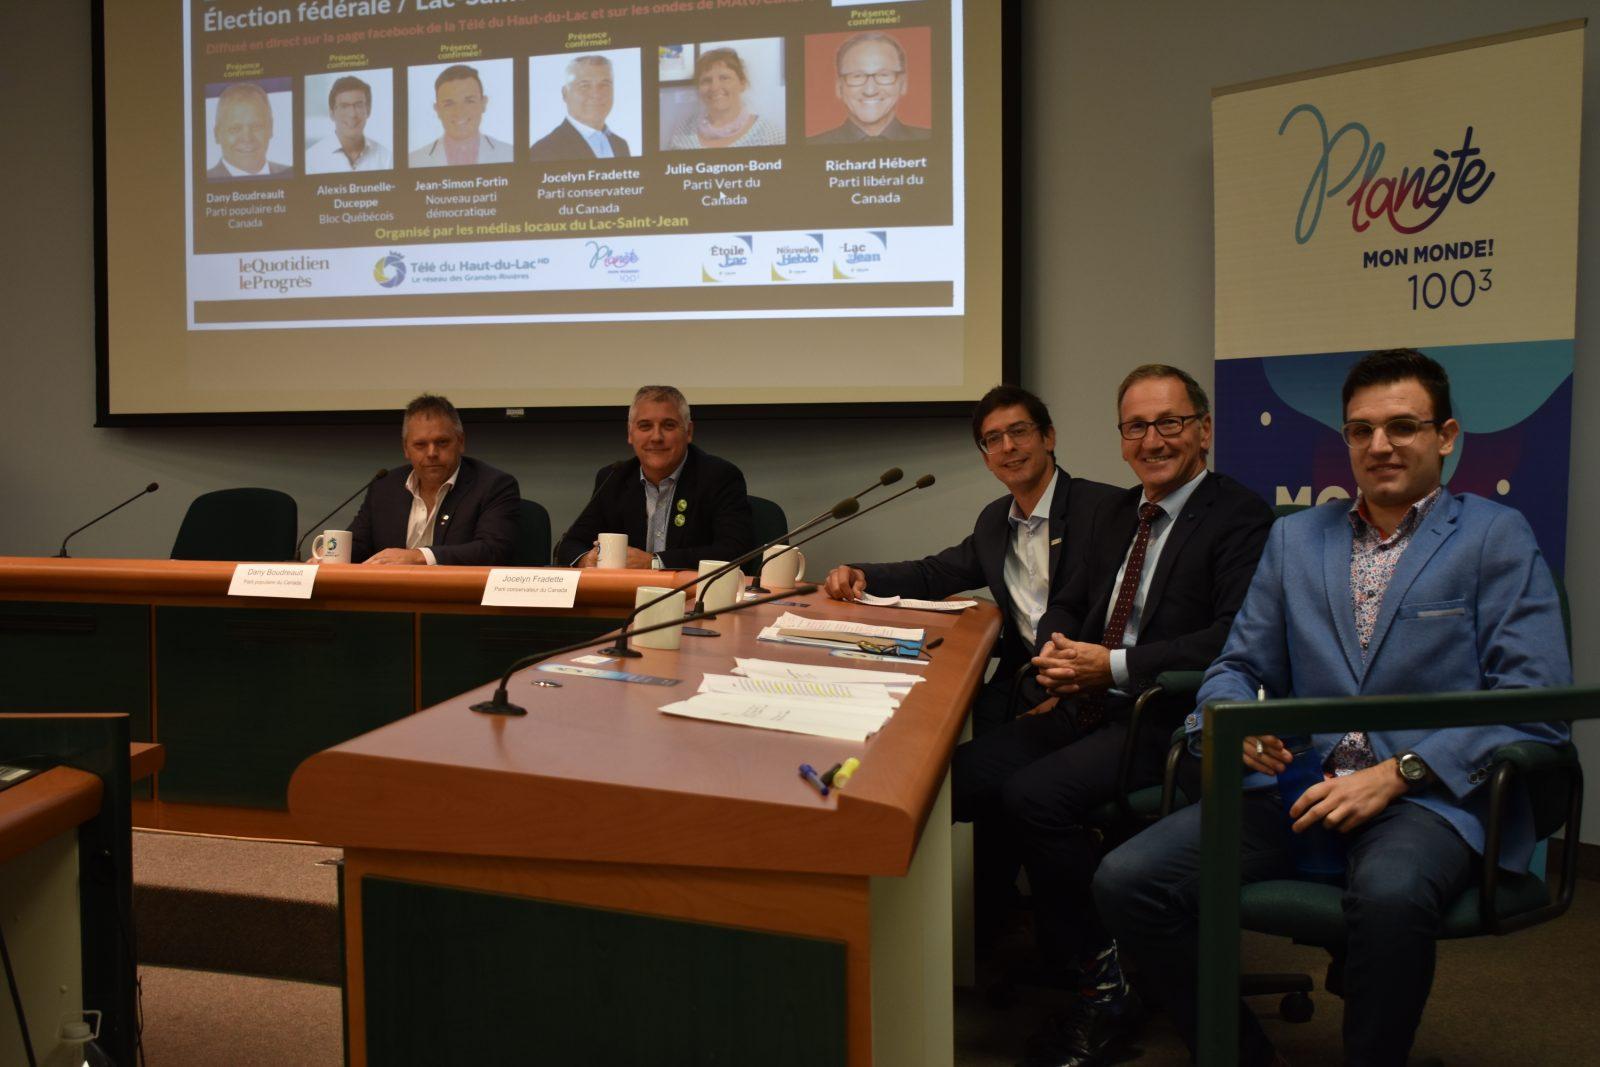 Élection fédérale : les candidats dans Lac-Saint-Jean débattent